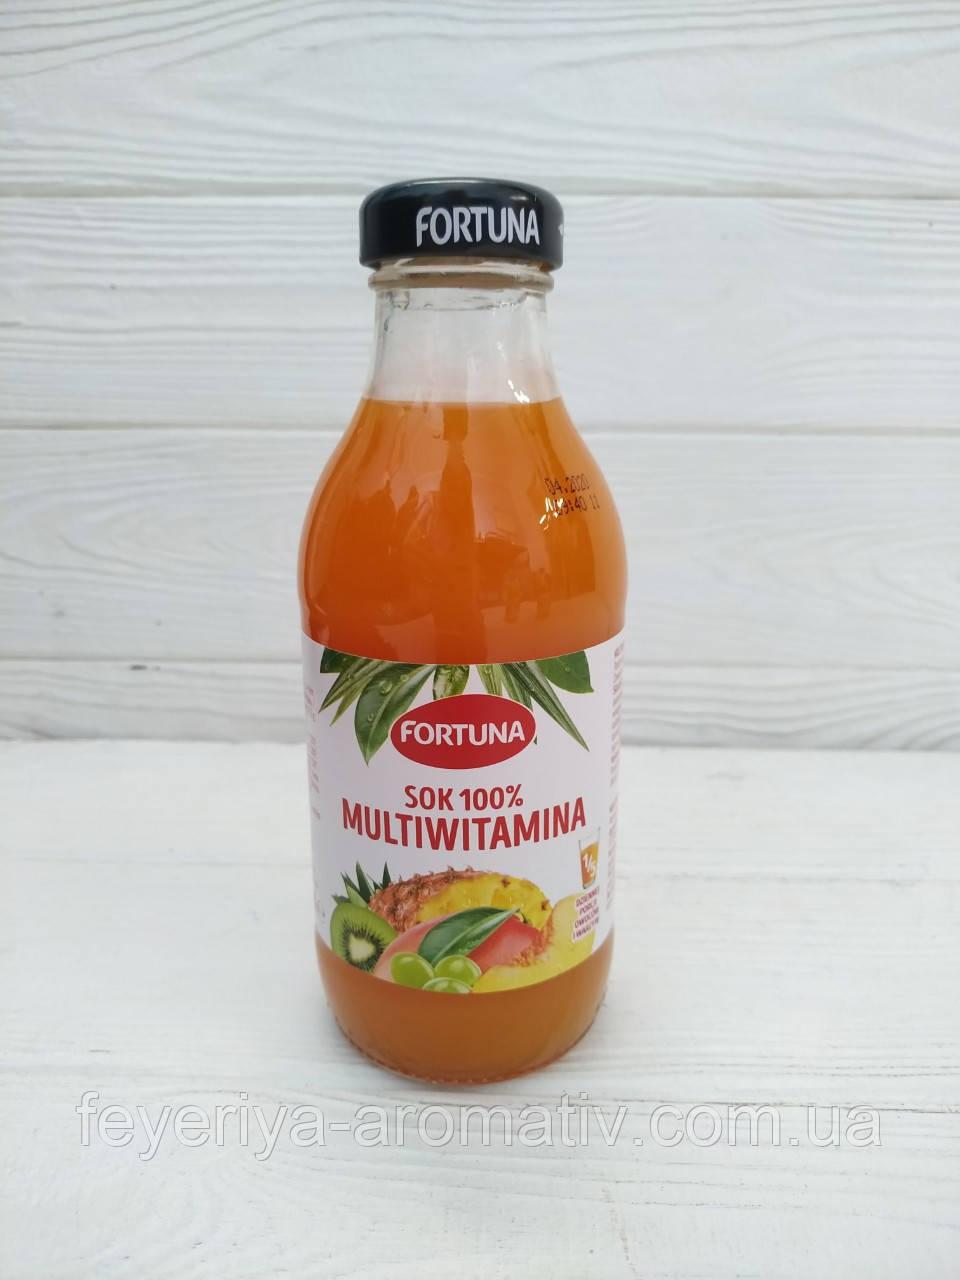 Сок мультивитаминный Fortuna Multiwitamina sok 100%, 300мл (Польша)